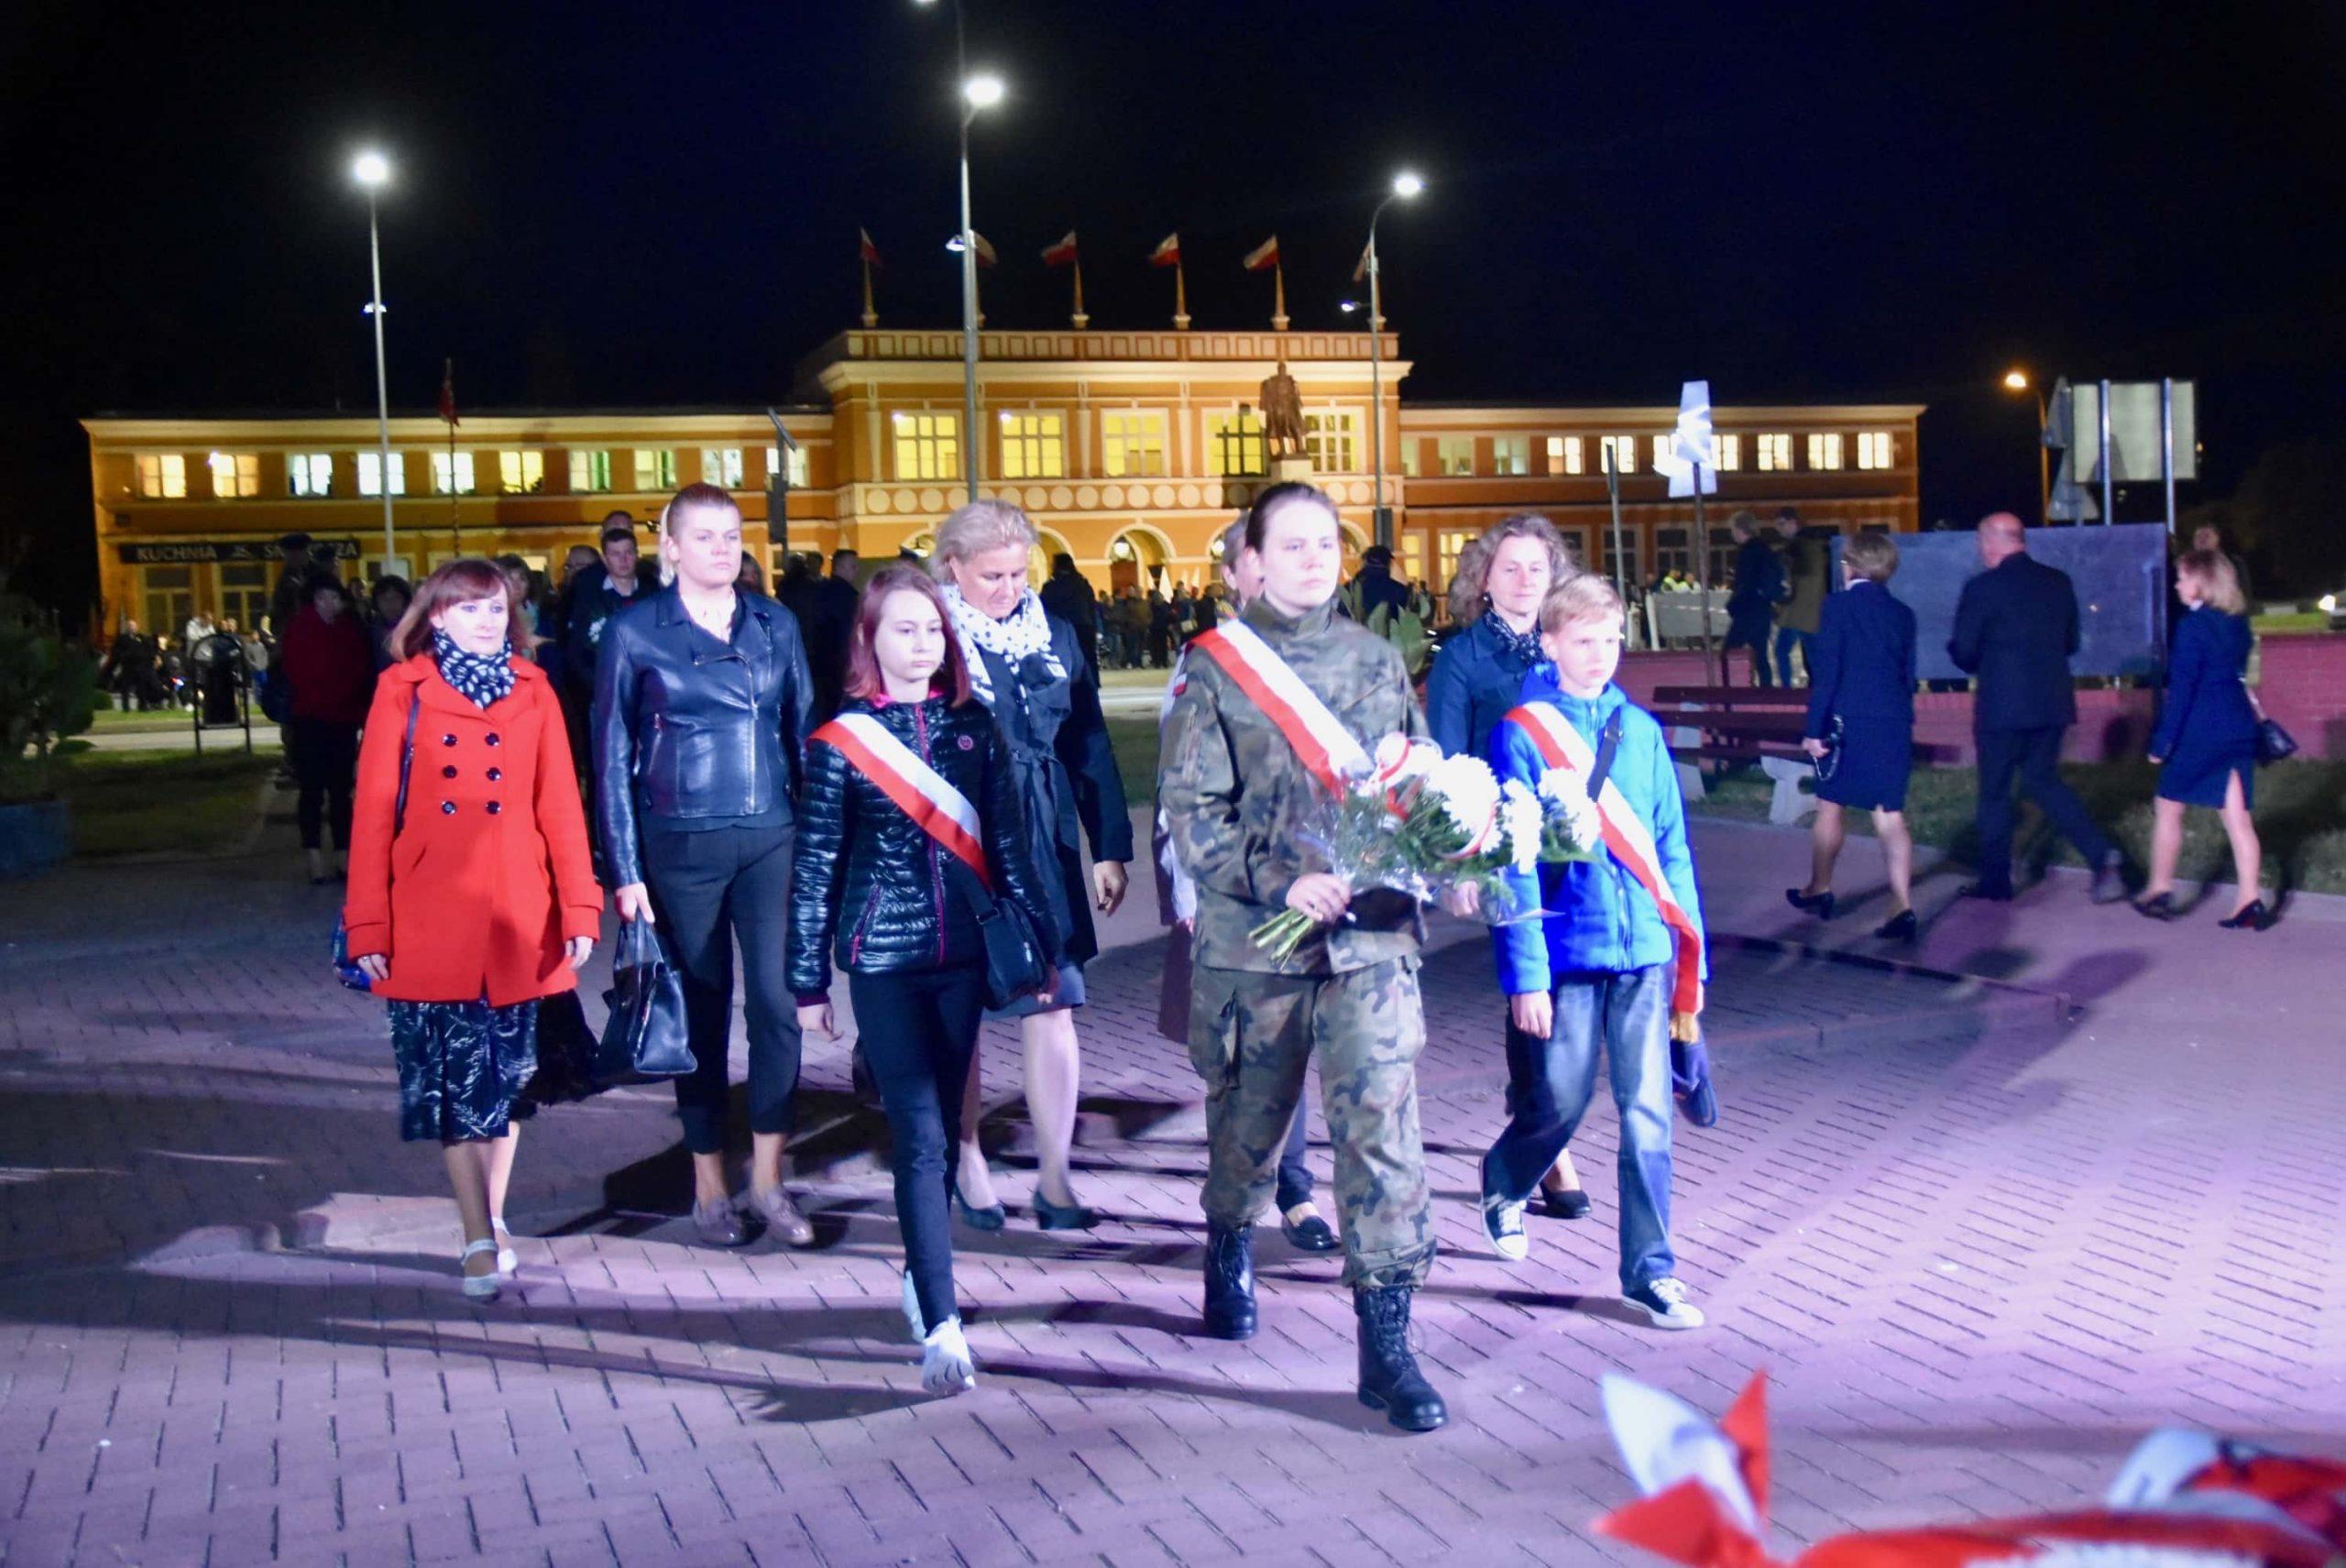 dsc 7829 scaled 80. rocznica agresji sowieckiej na Polskę - uroczystości w Zamościu